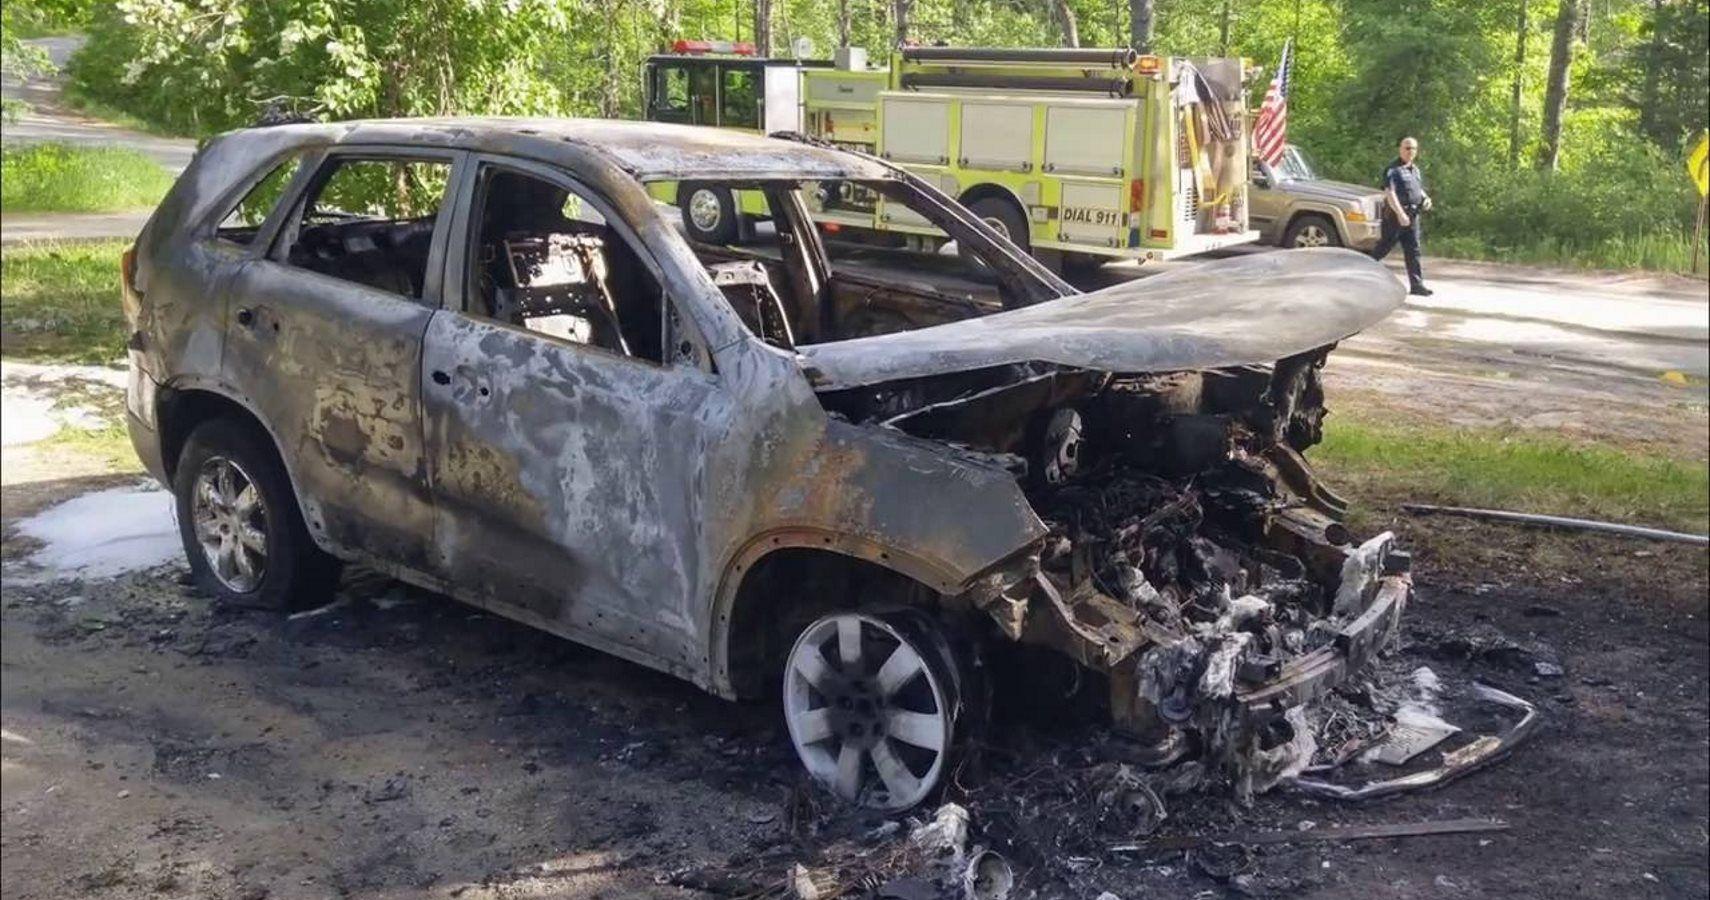 Hyundai & Kia Issue Massive Recalls In Wake Of Fire Risk